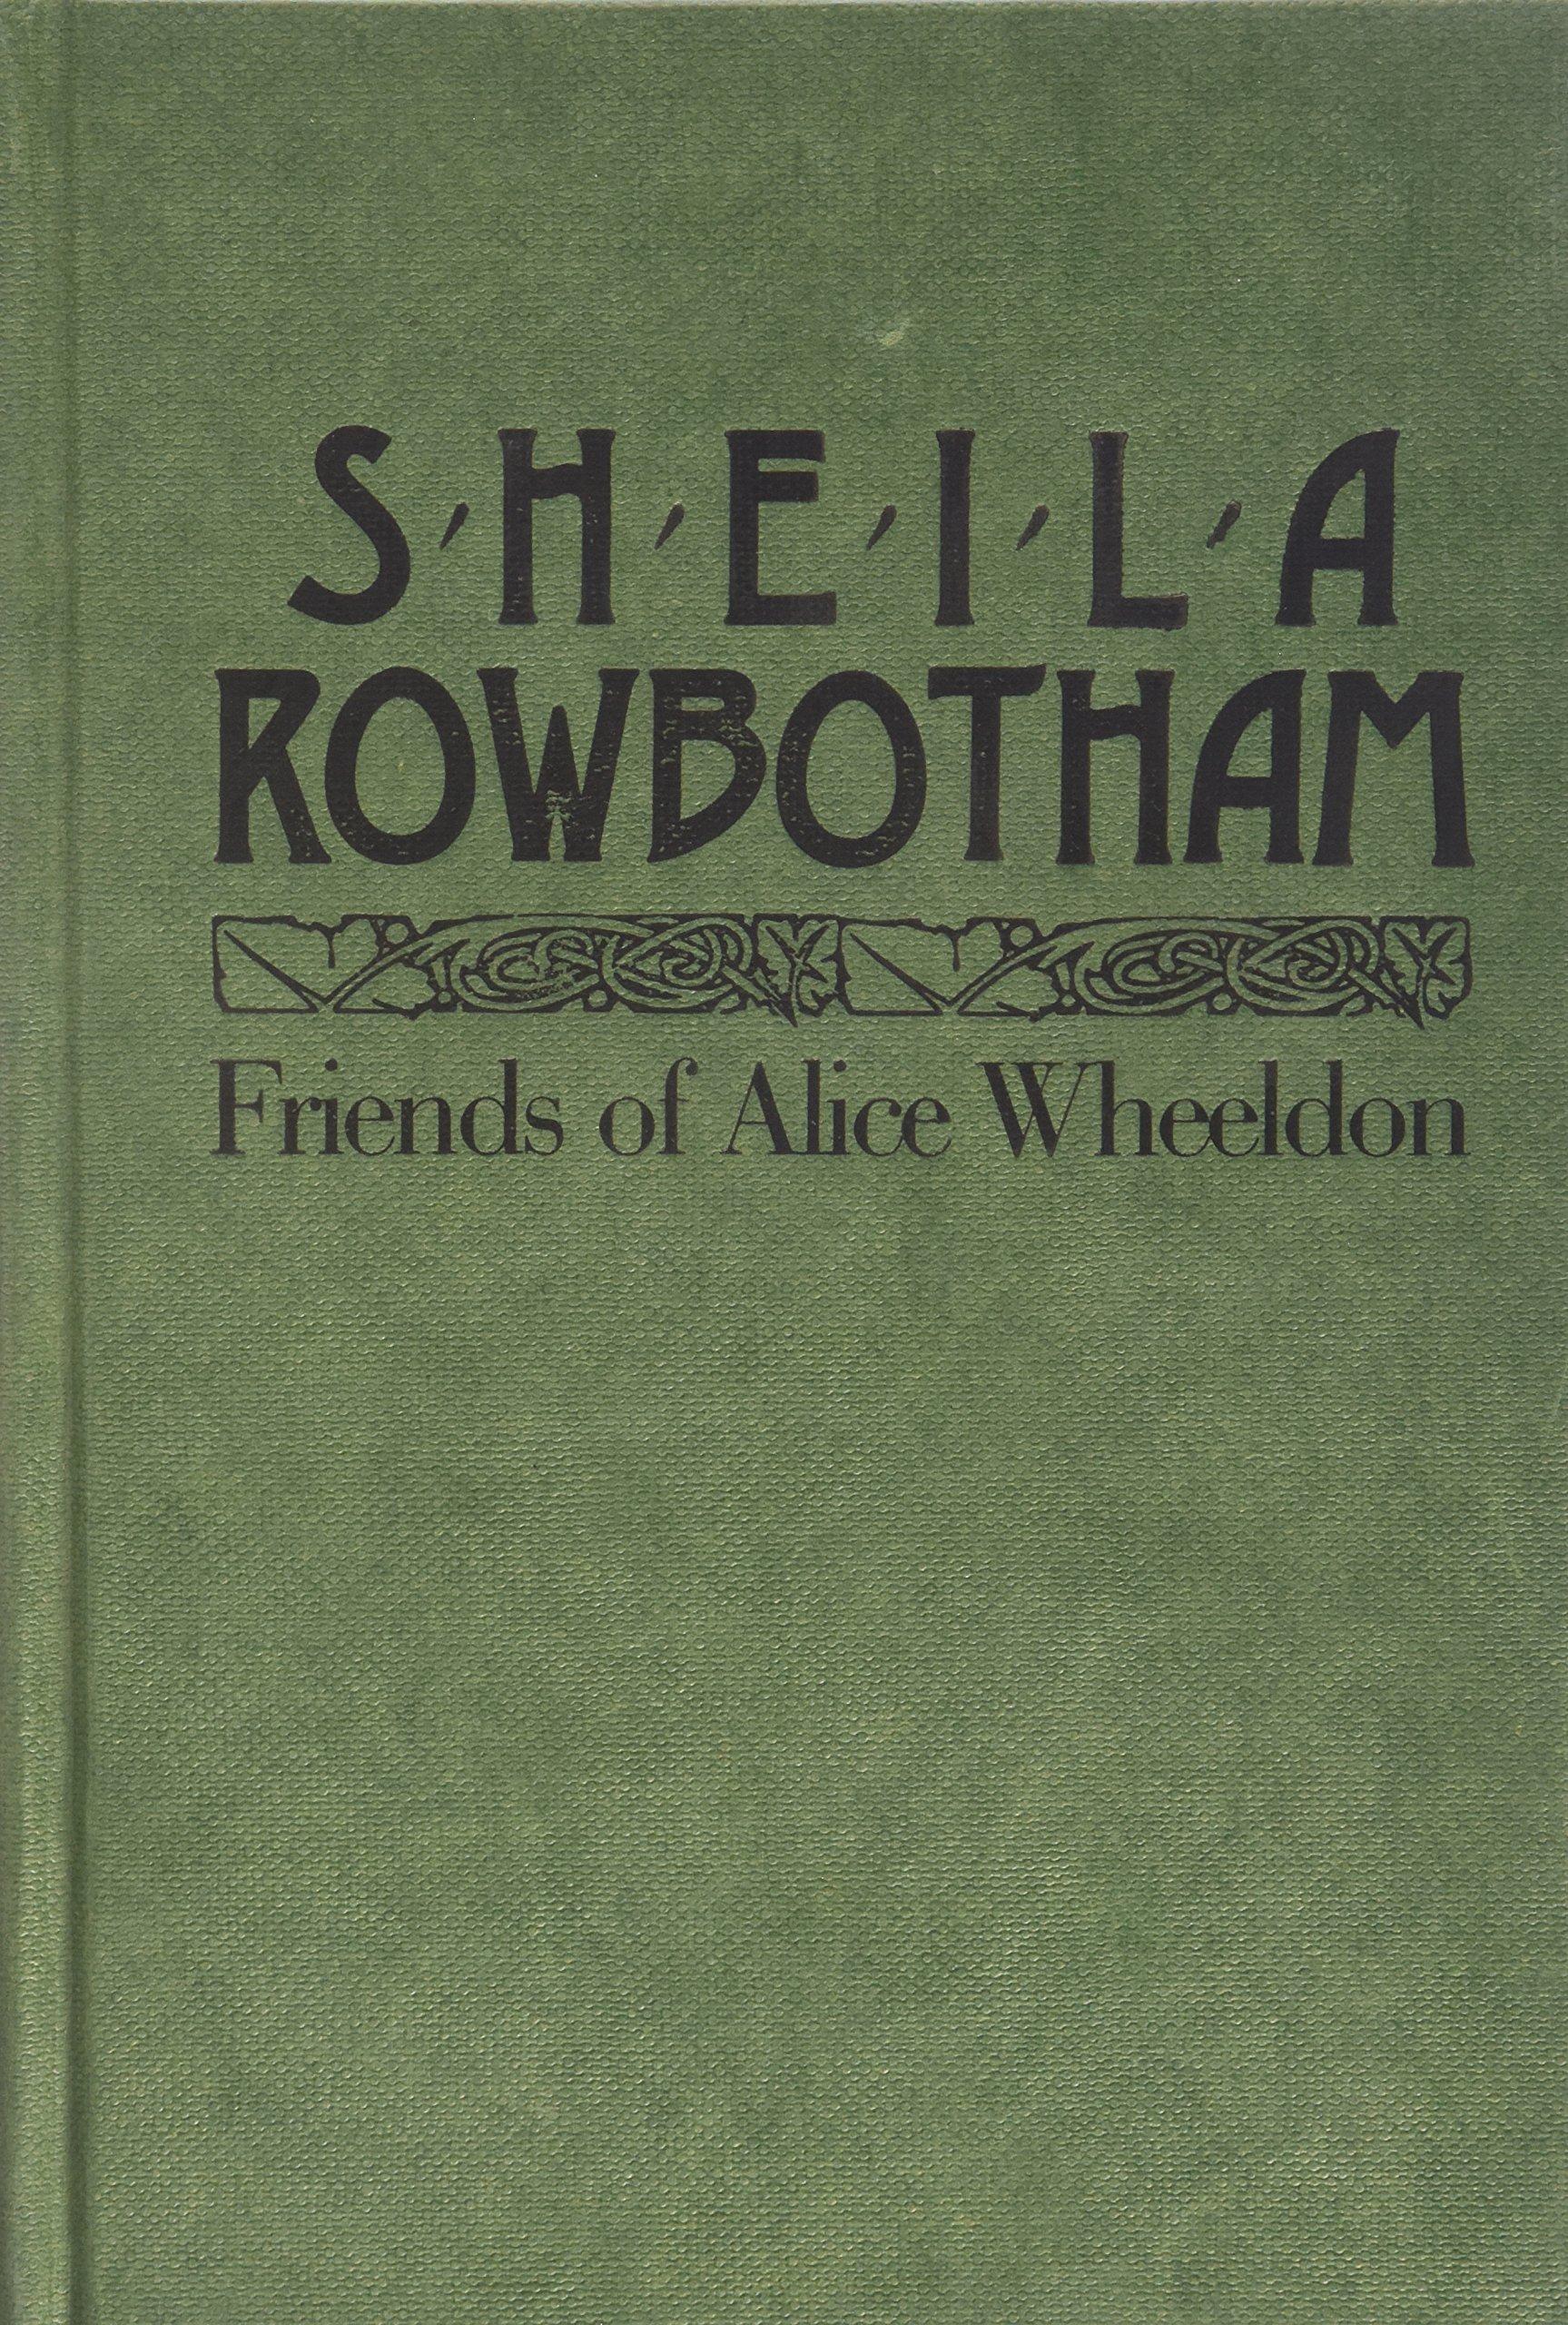 Friends of Alice Wheeldon book written by Sheila Rowbotham